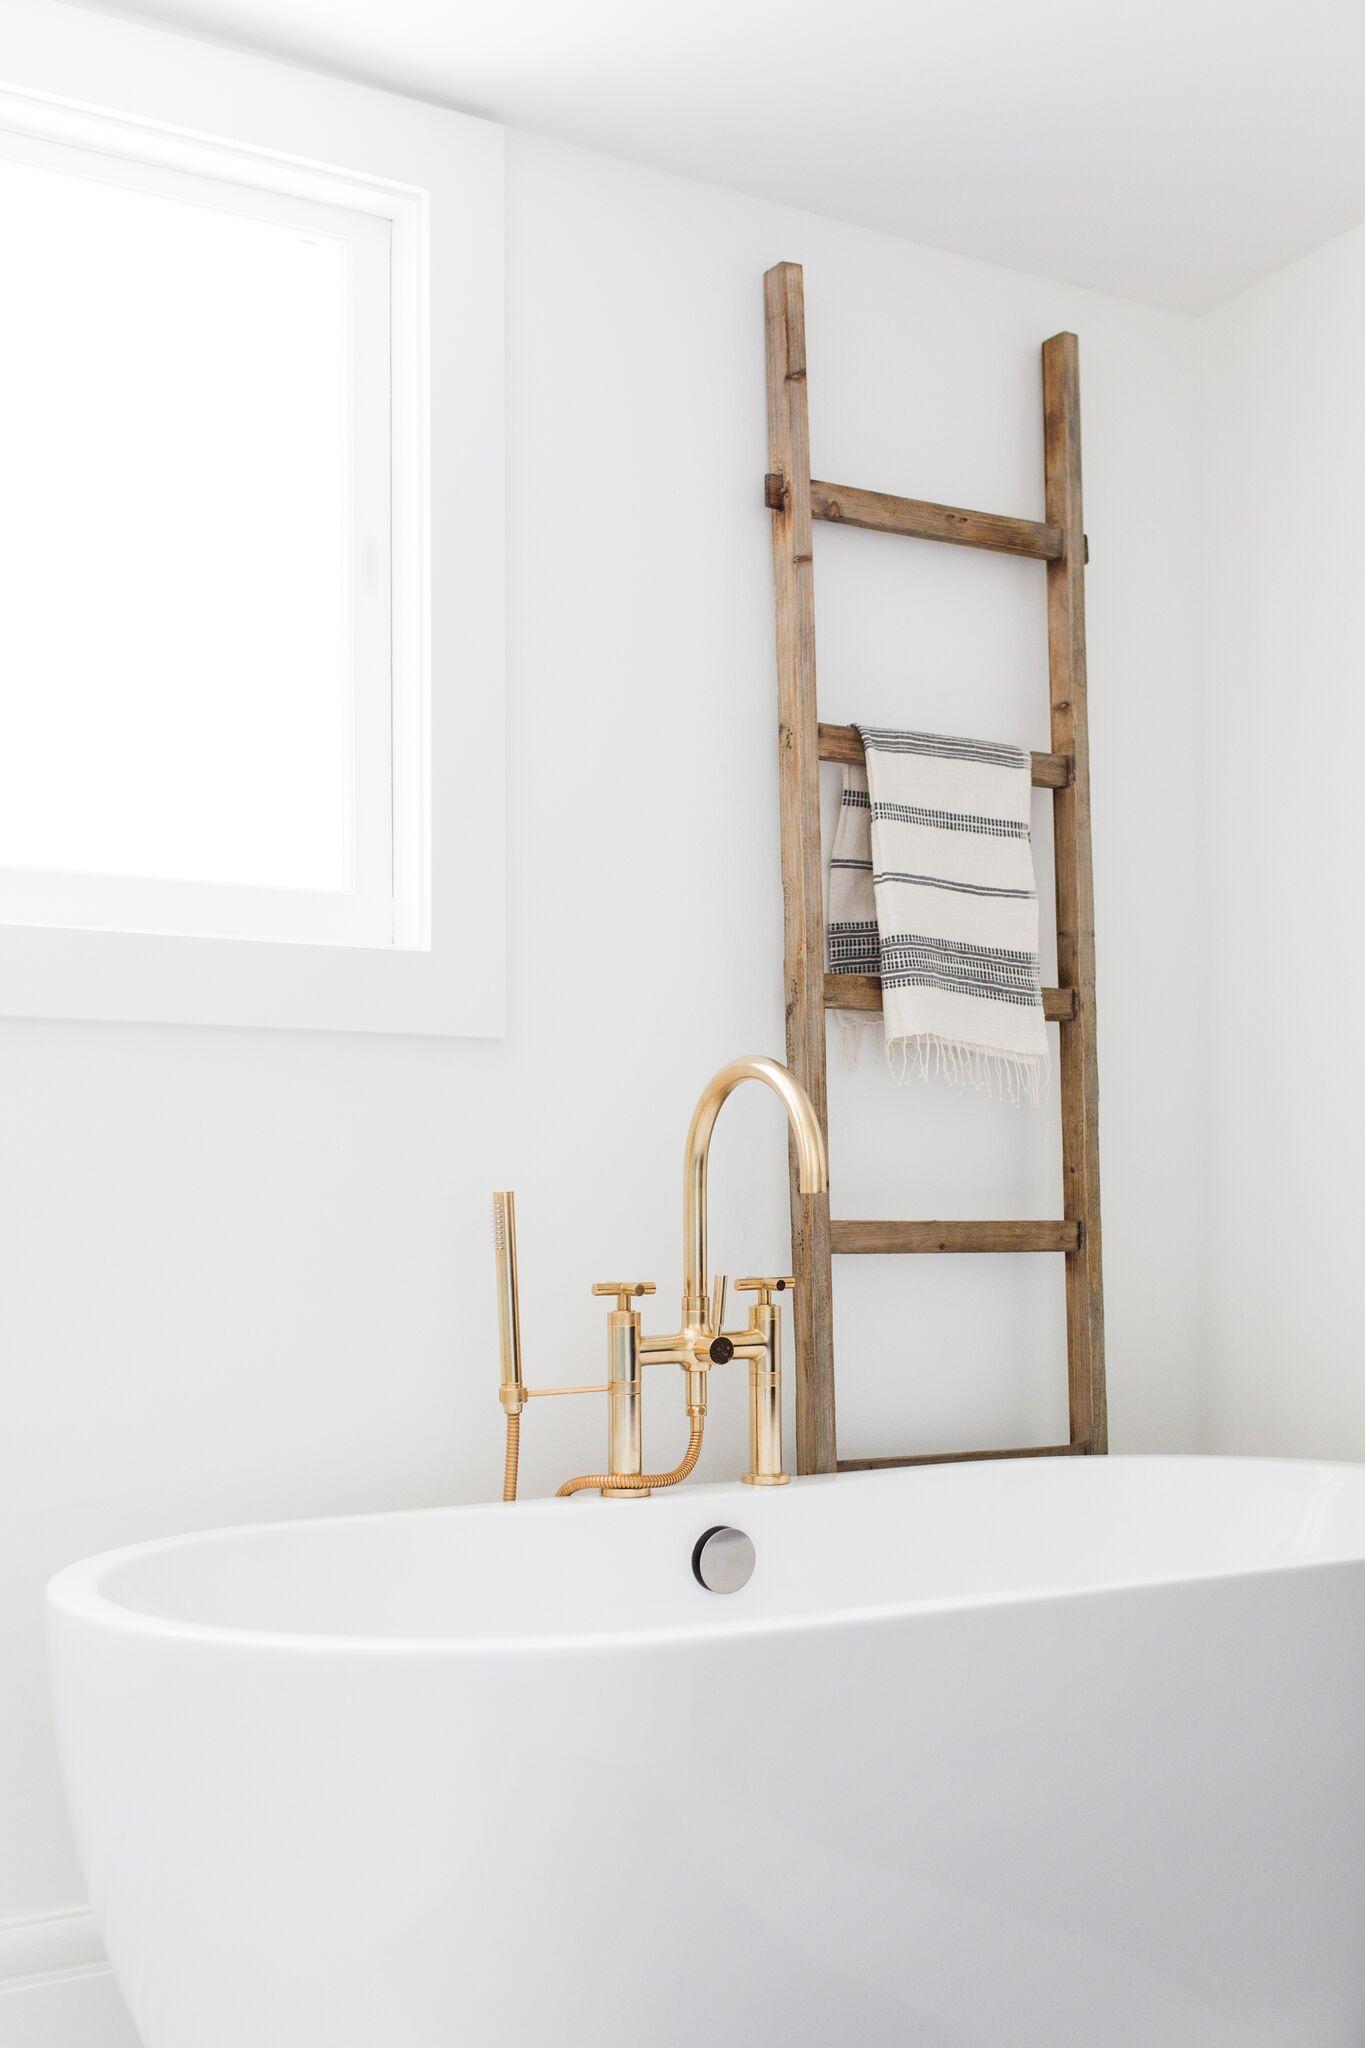 Klassieke badkamer renovatie met moderne voorzieningen   Interieur inrichting